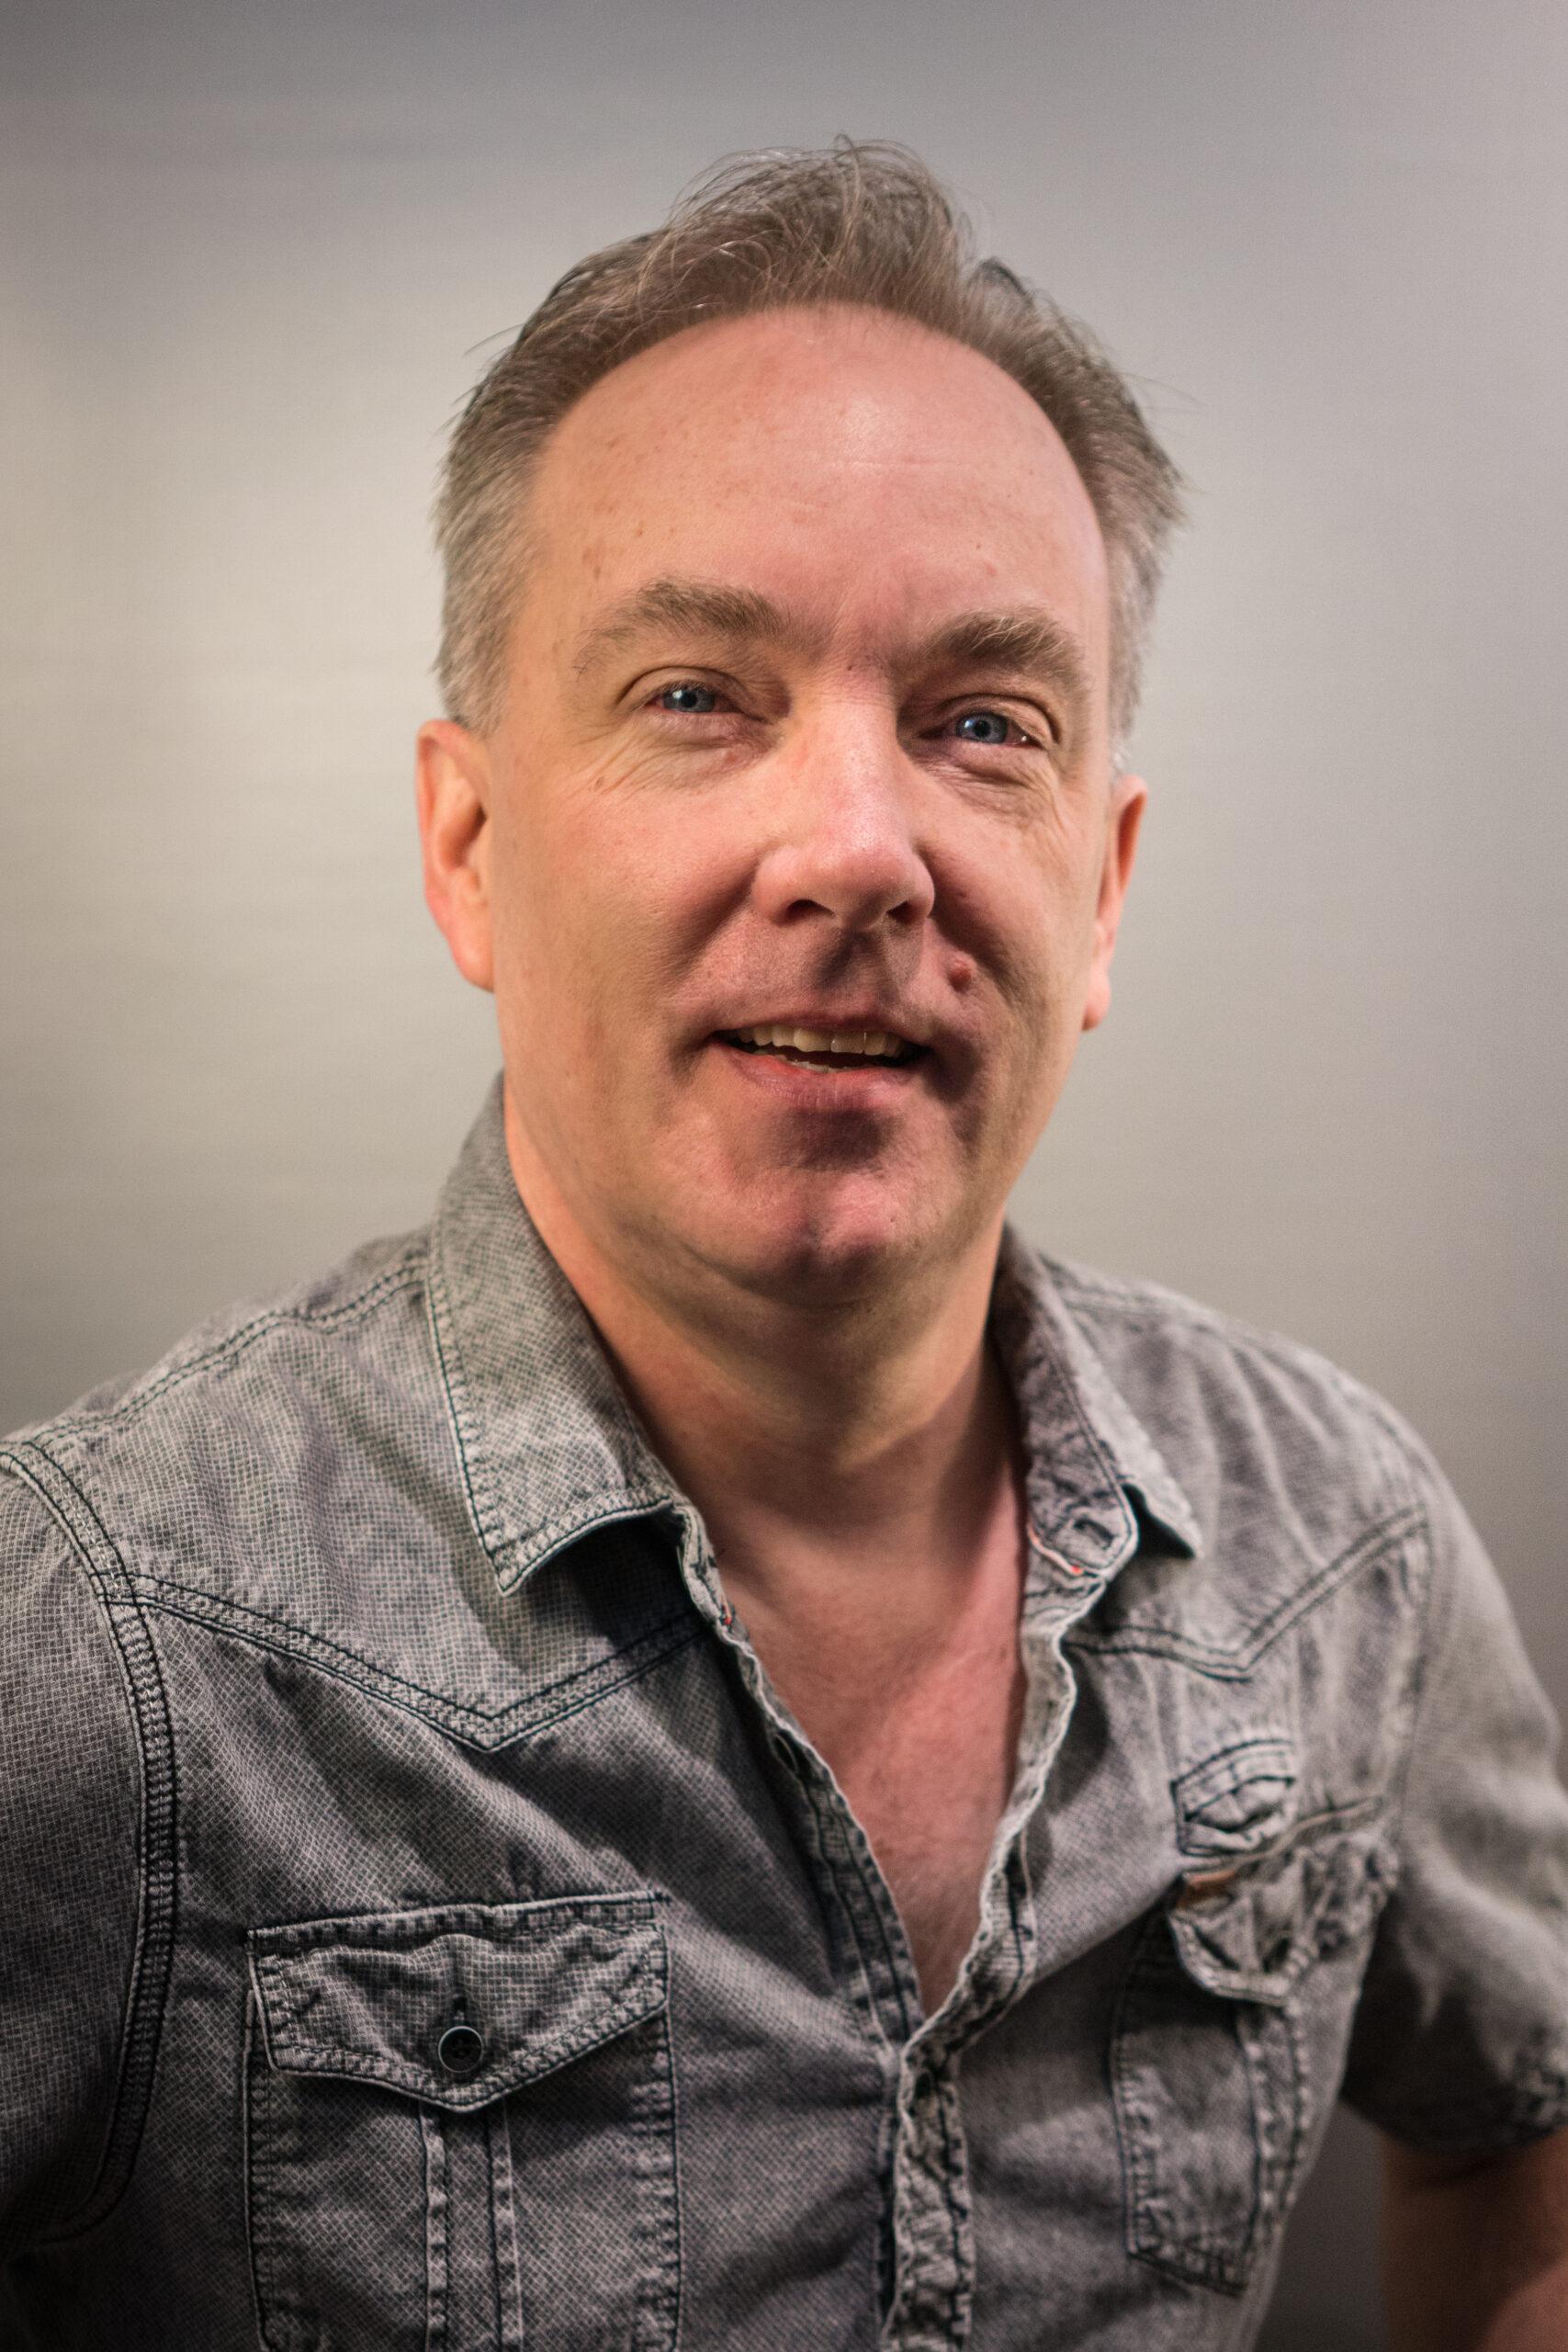 Tim Skinner